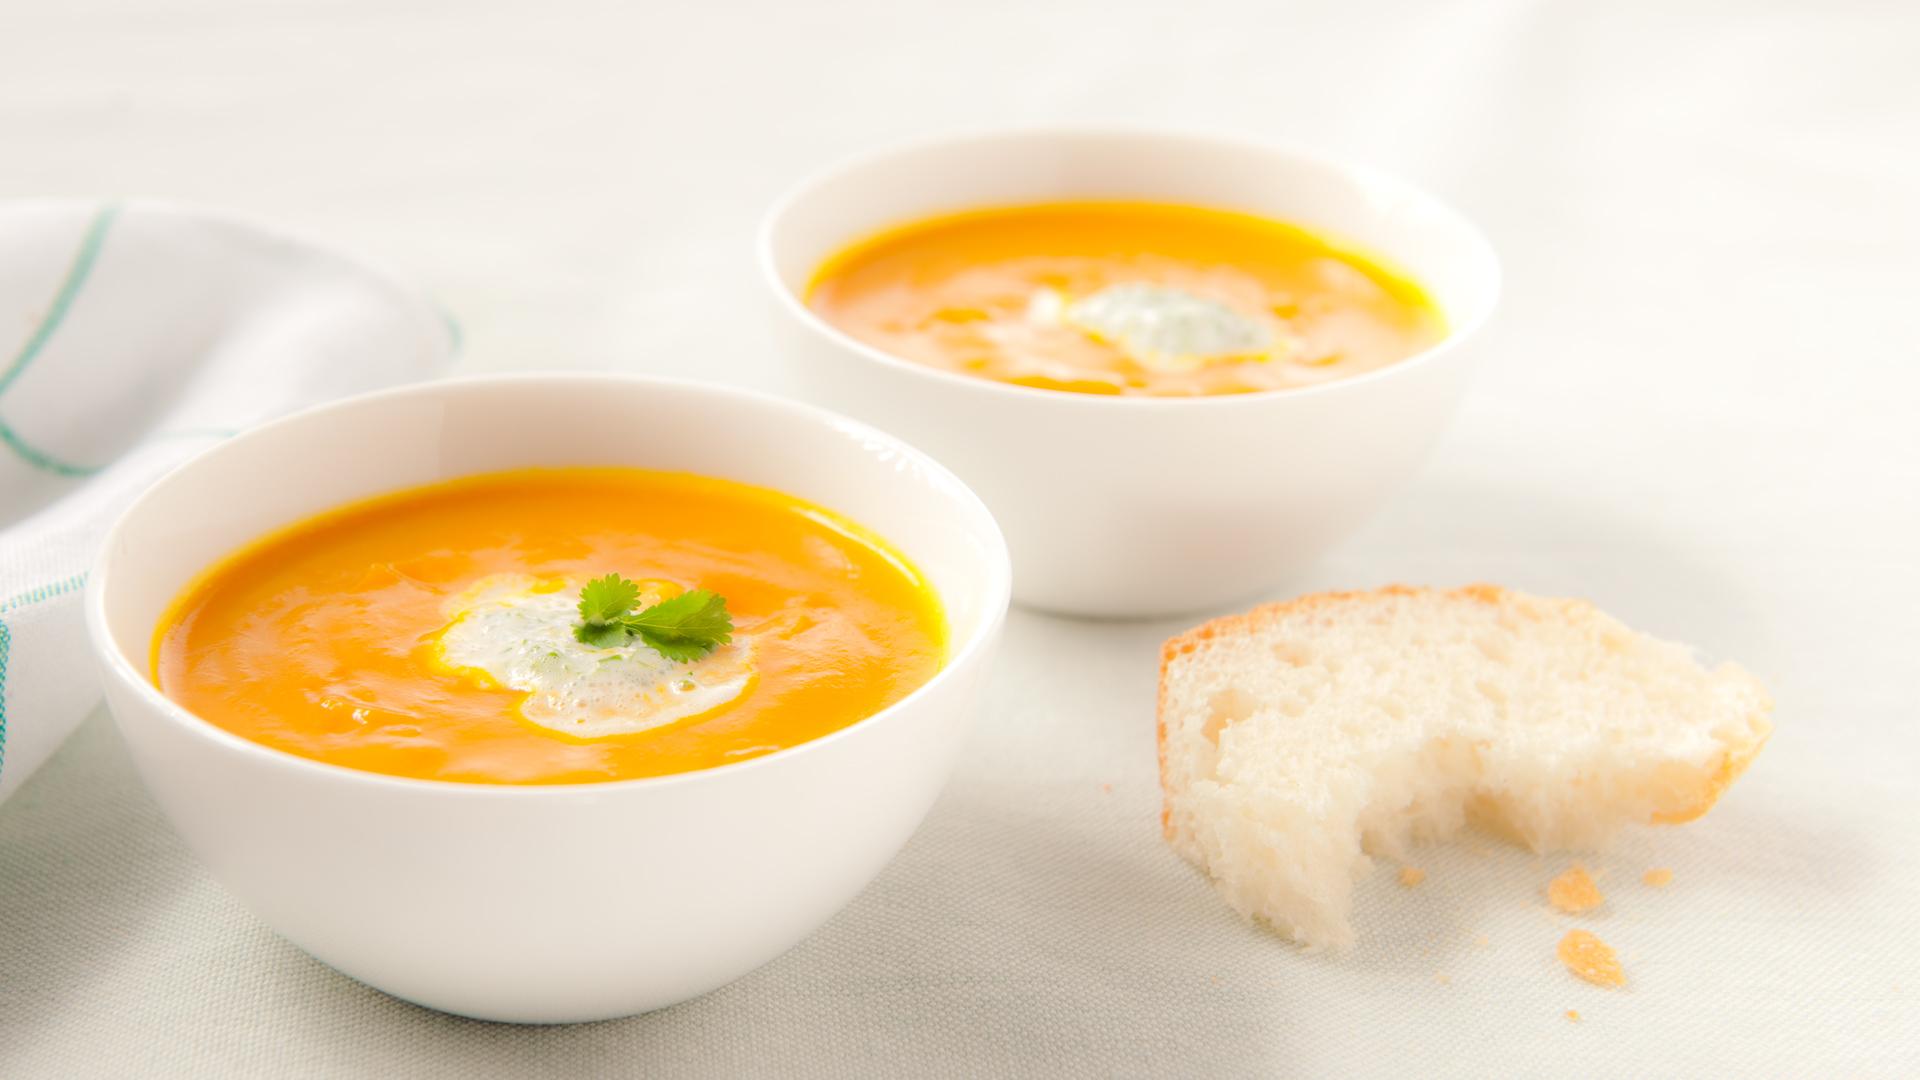 Soupe au potiron relevé à la Lea & Perrins